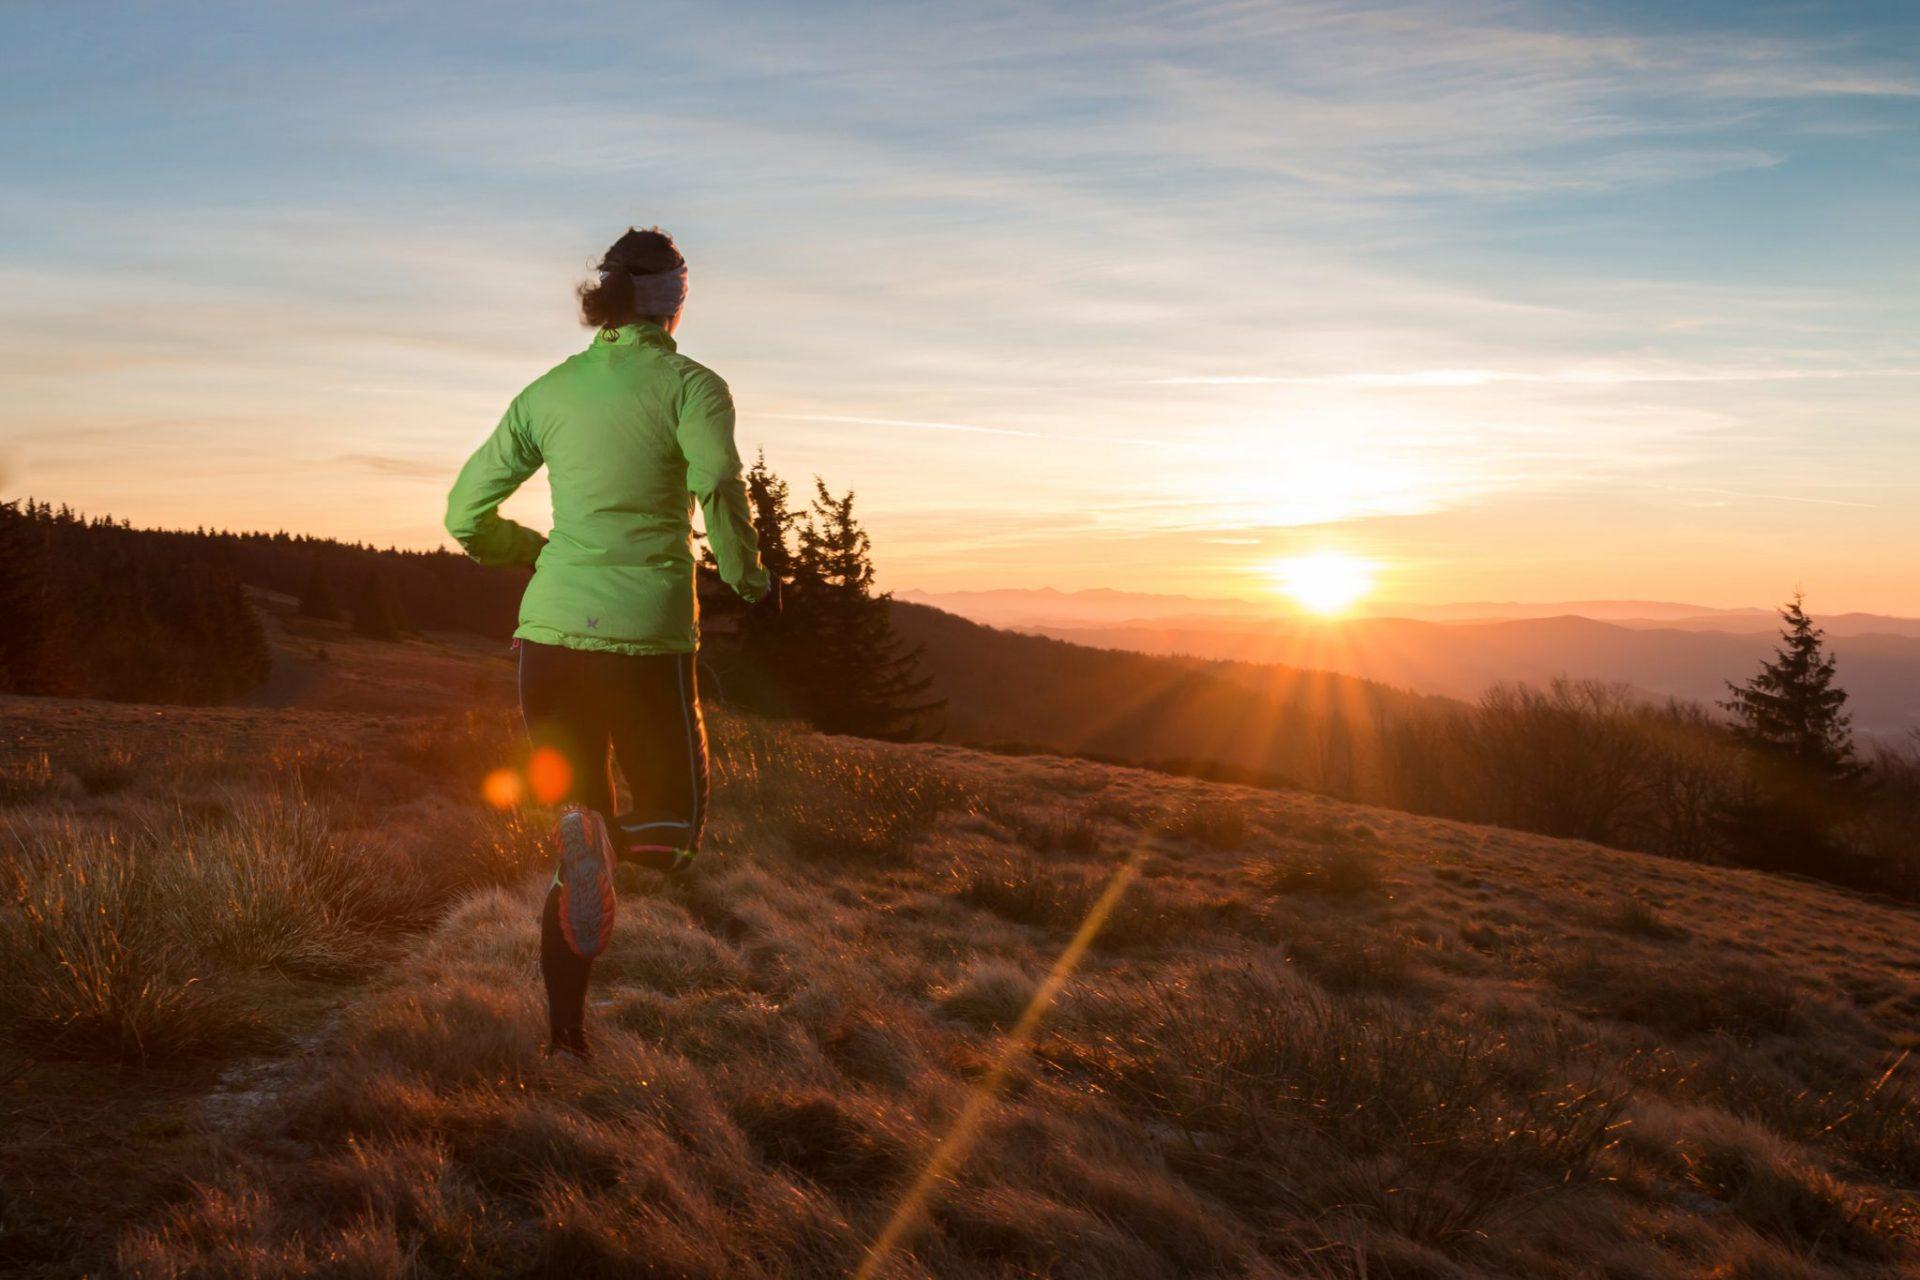 Ce que nous apprend la pratique de l'ultra-trail